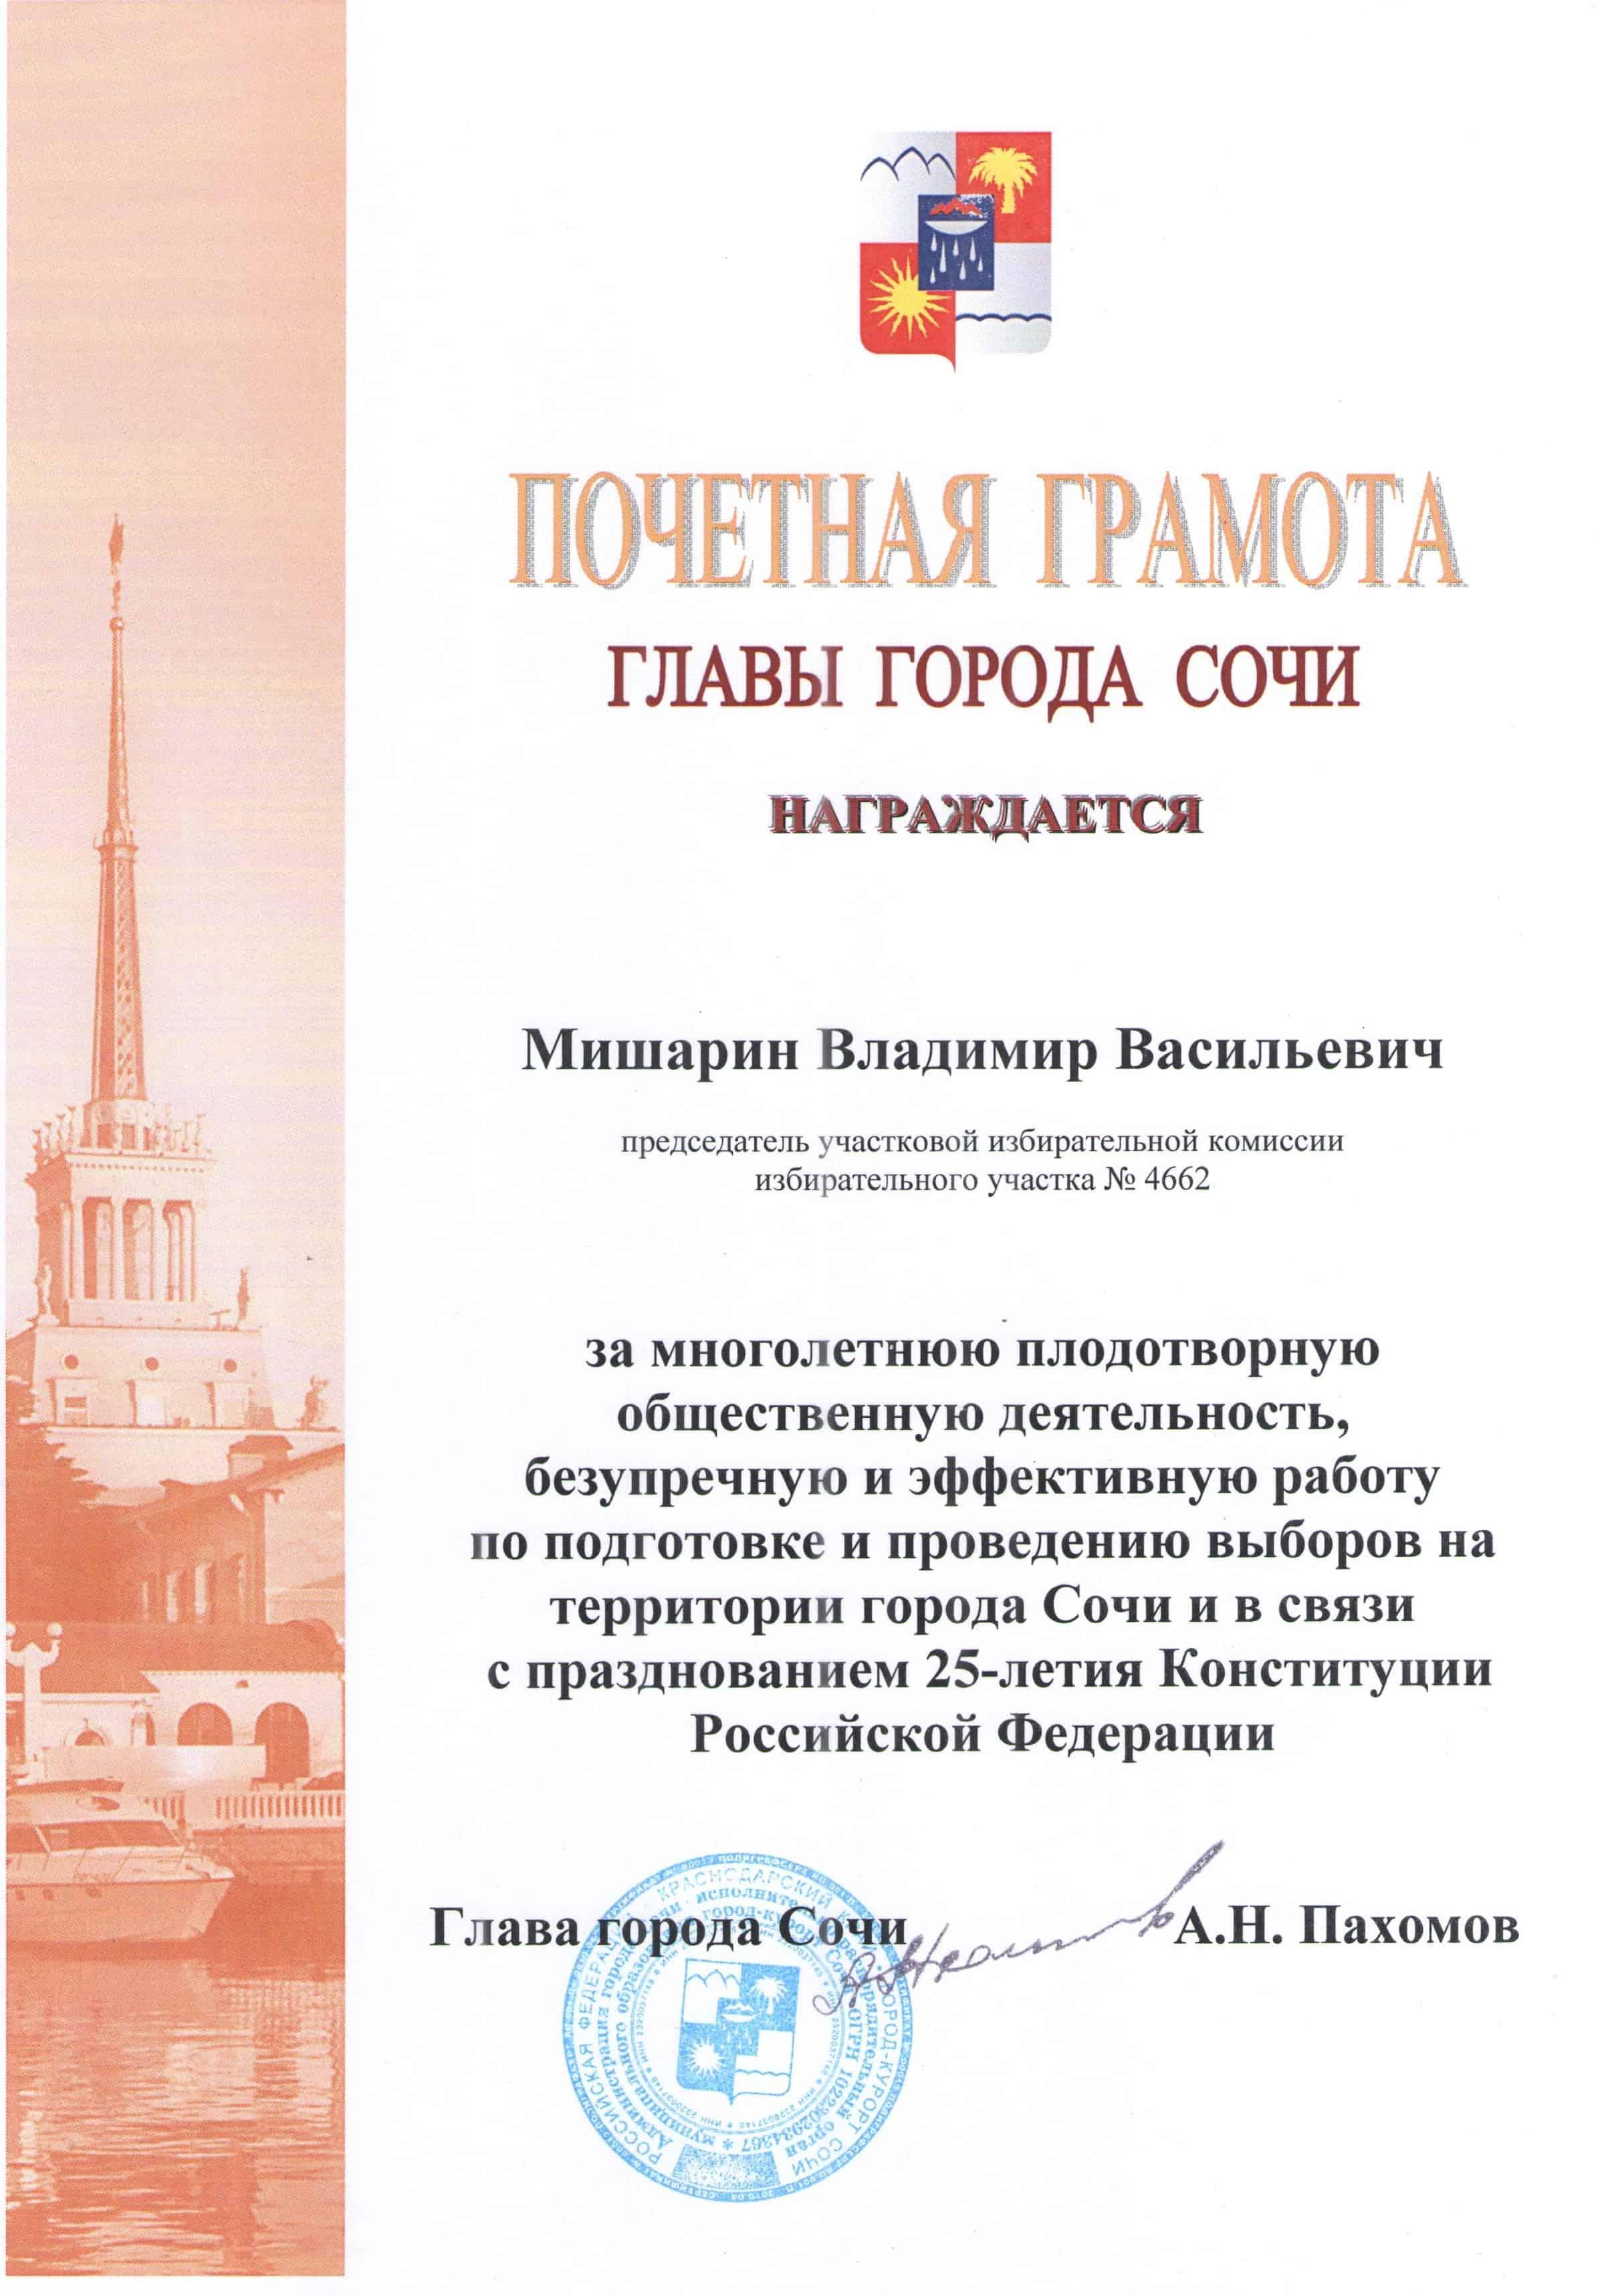 Пахомов_А.Н.